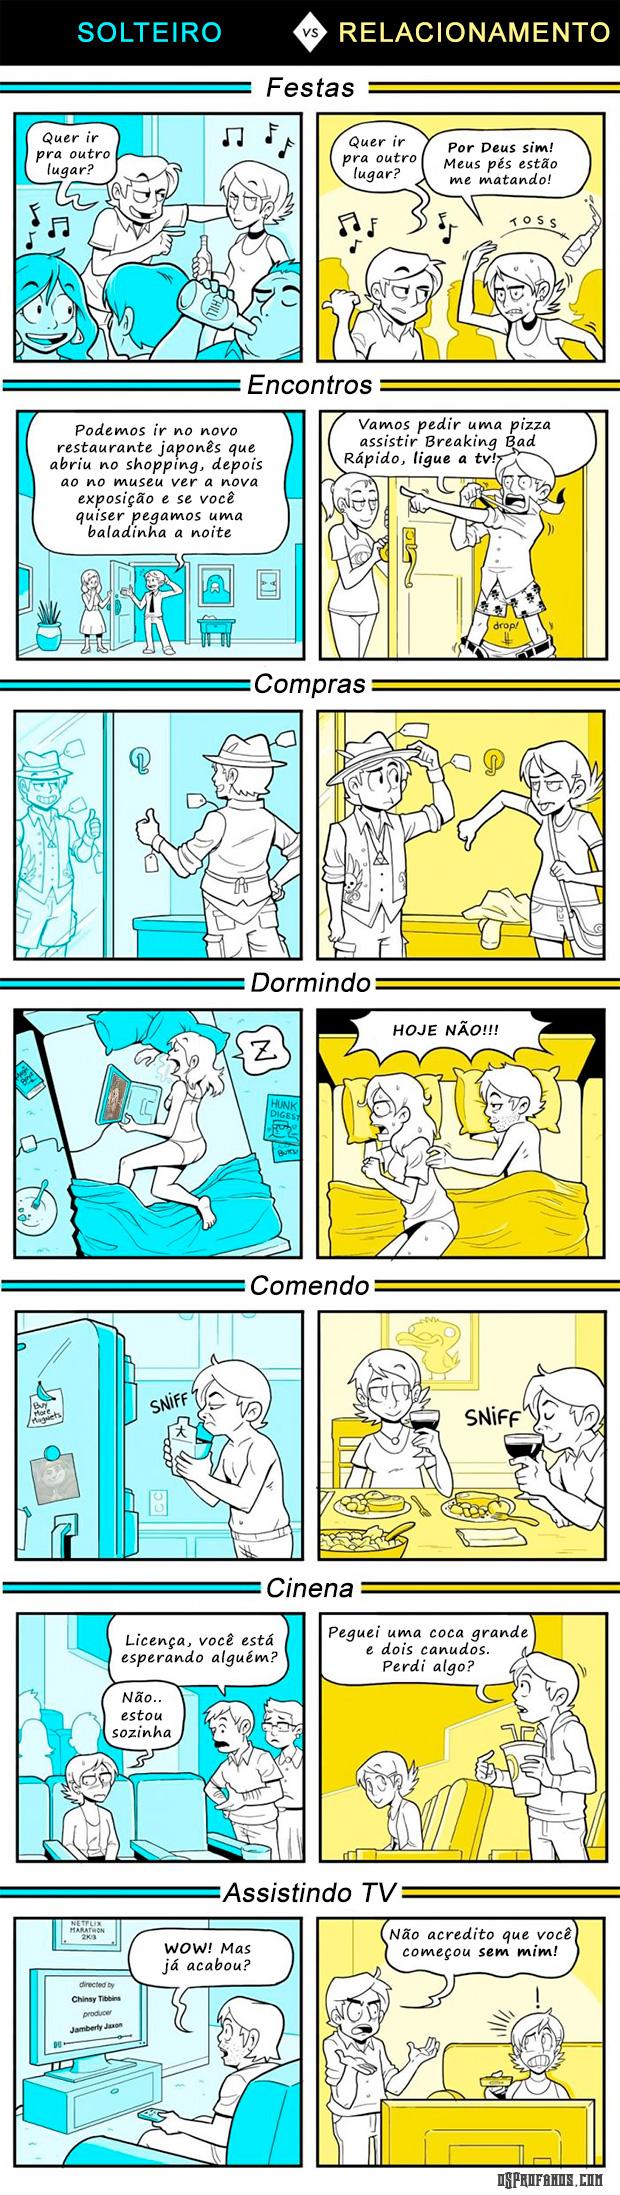 solteiro-vs-relacionamento